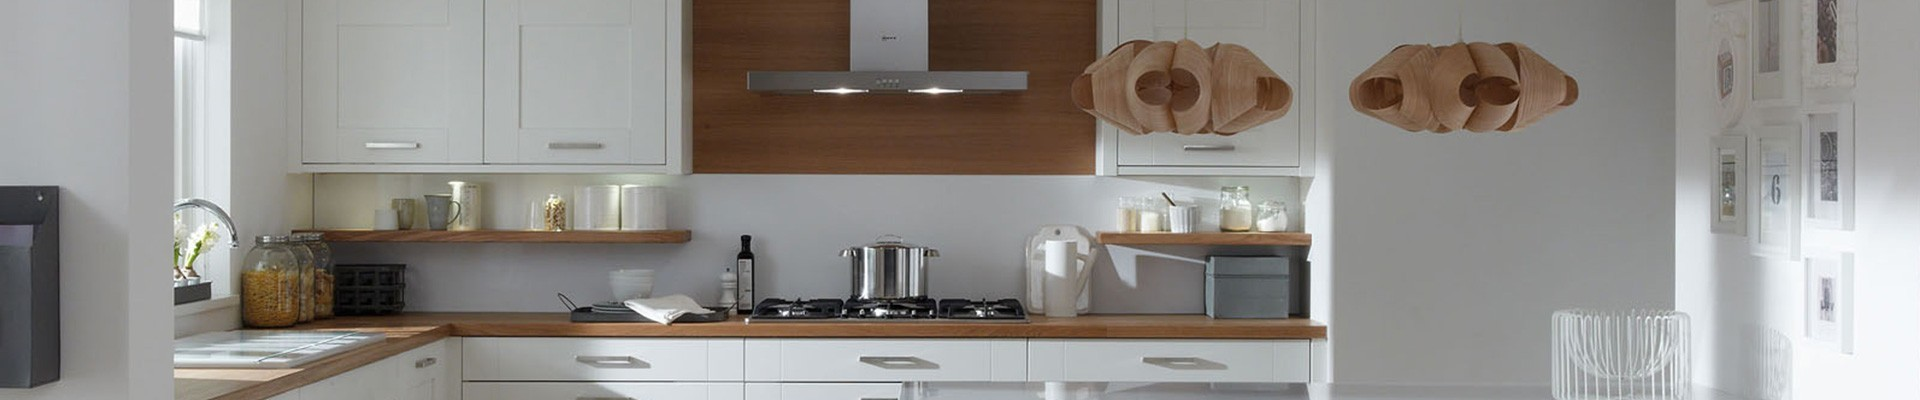 Đồ gia dụng nhà bếp thông minh, đa năng, dụng cụ làm bánh, nấu ăn